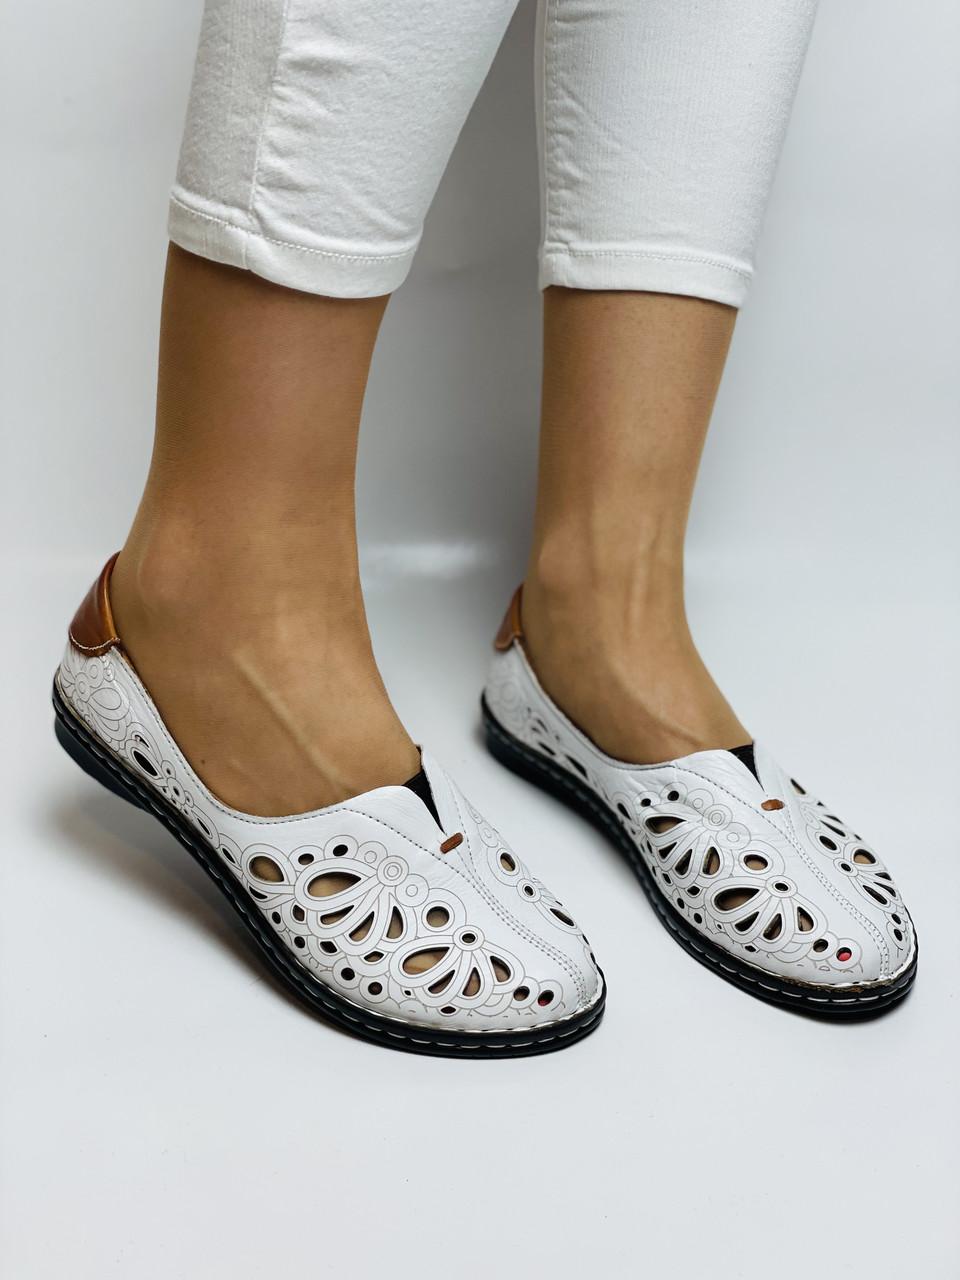 PSC. Женские туфли -балетки из натуральной кожи.Турция. Размер 38 39 40 41 Супер комфорт.